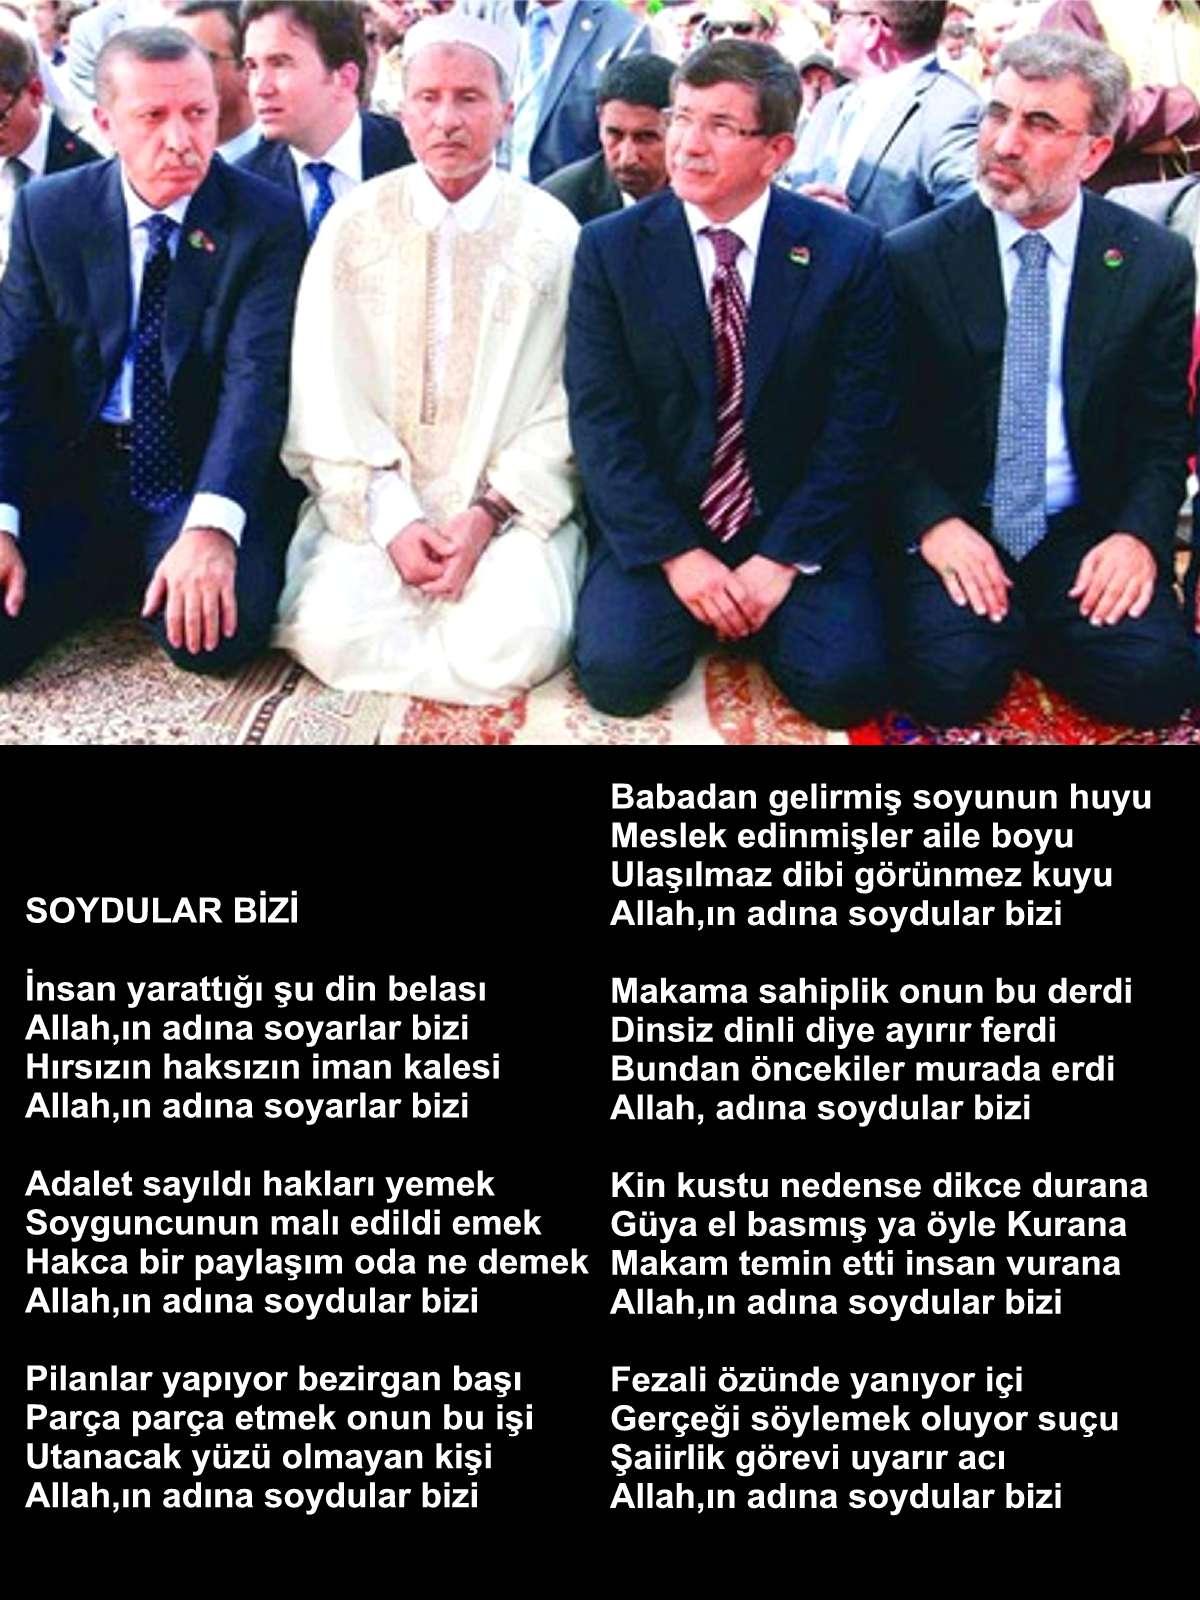 Devrimci Aleviler Birliği DAB Alevi Kızılbaş Bektaşi pir sultan cem hz Ali 12 imam semah Feramuz Şah Acar soydular bizi